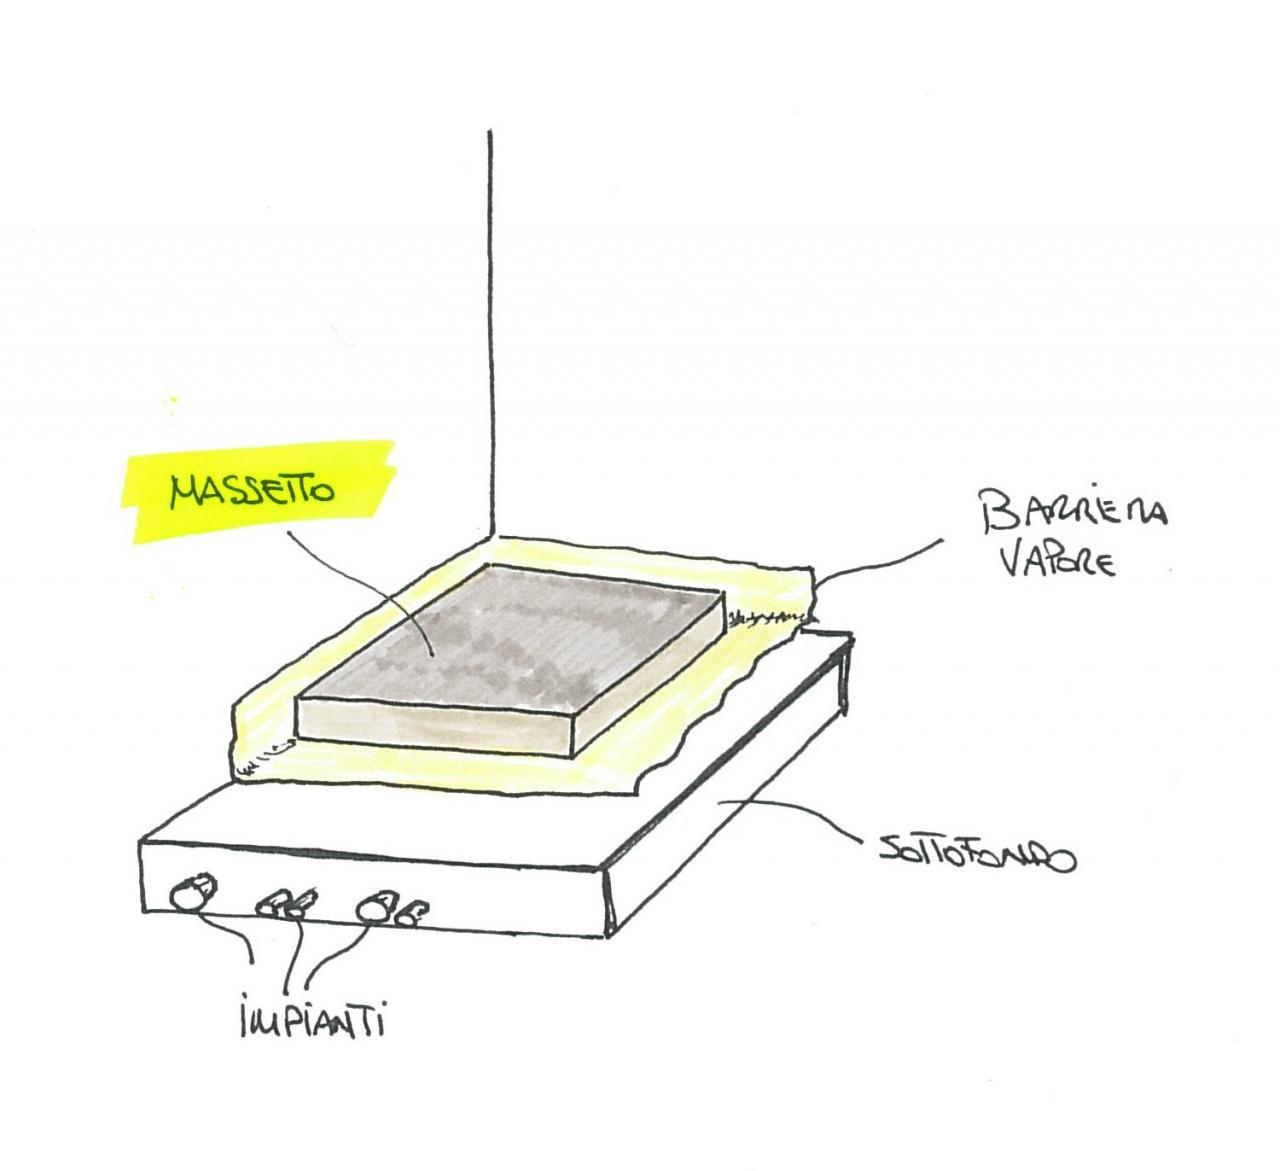 Il massetto per le piastrelle caratteristiche importanza - Costo colla per piastrelle ...